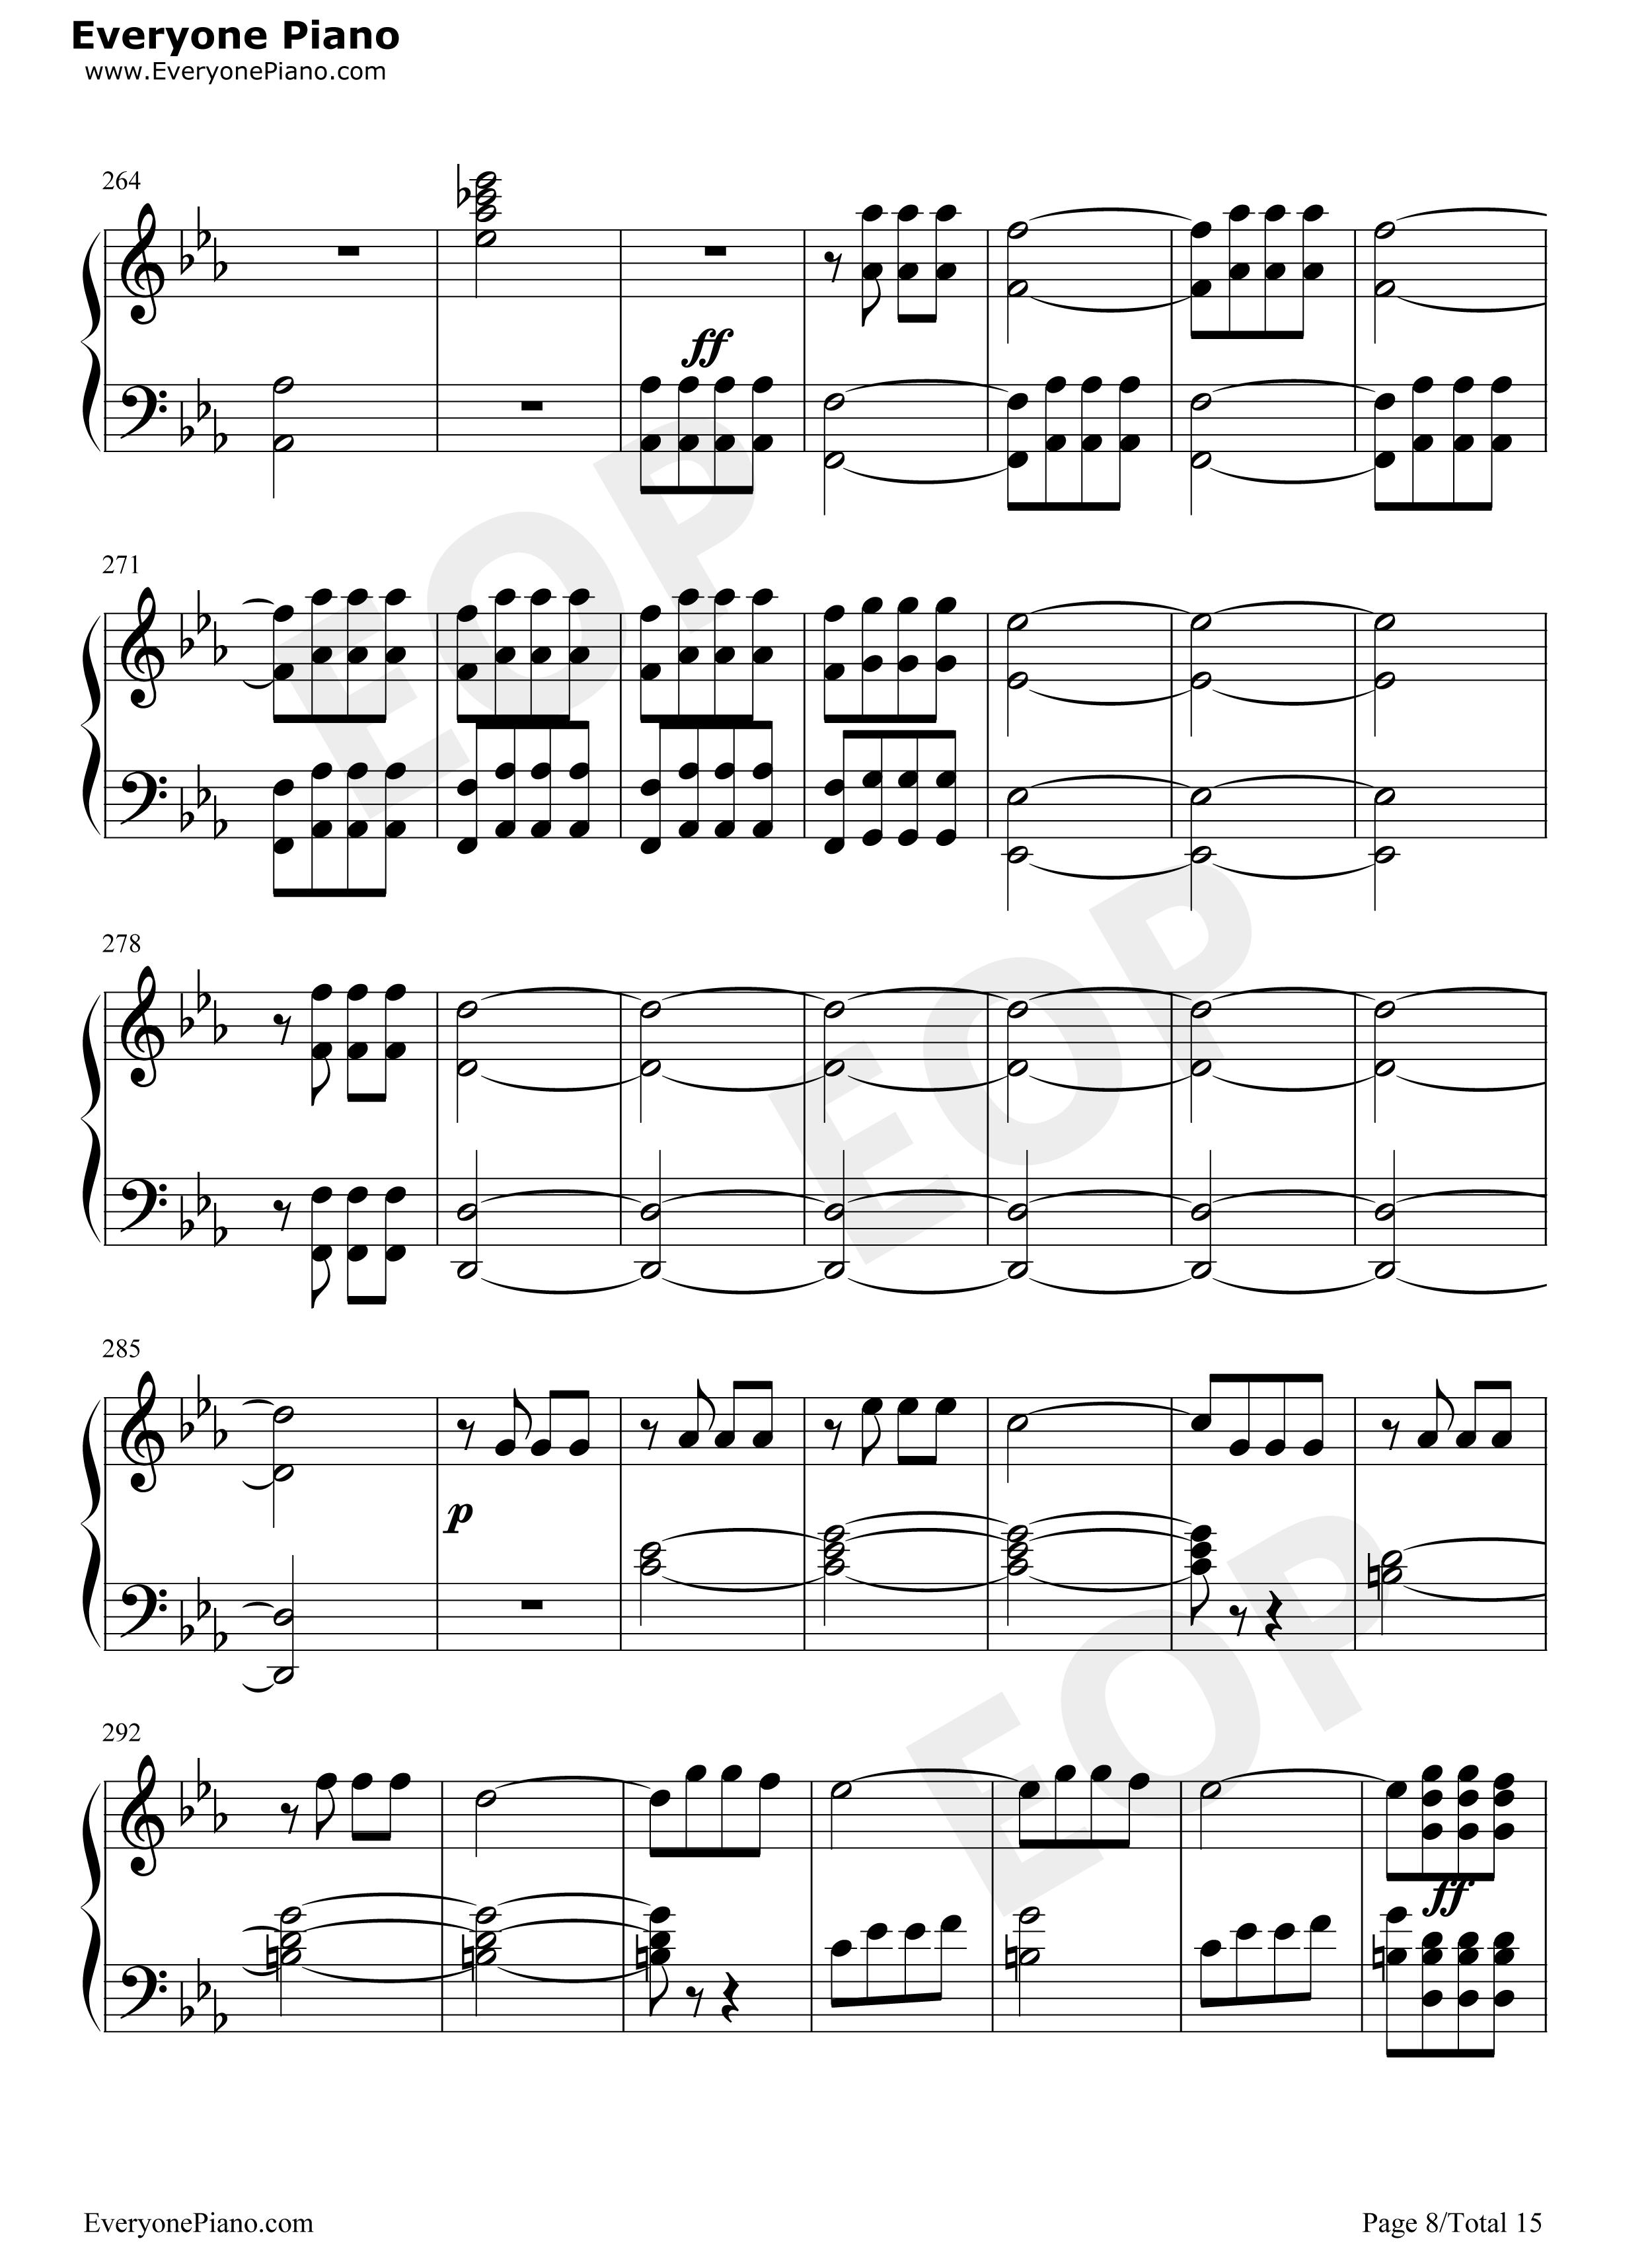 钢琴曲谱 经典 命运交响曲第一乐章 命运交响曲第一乐章五线谱预览8